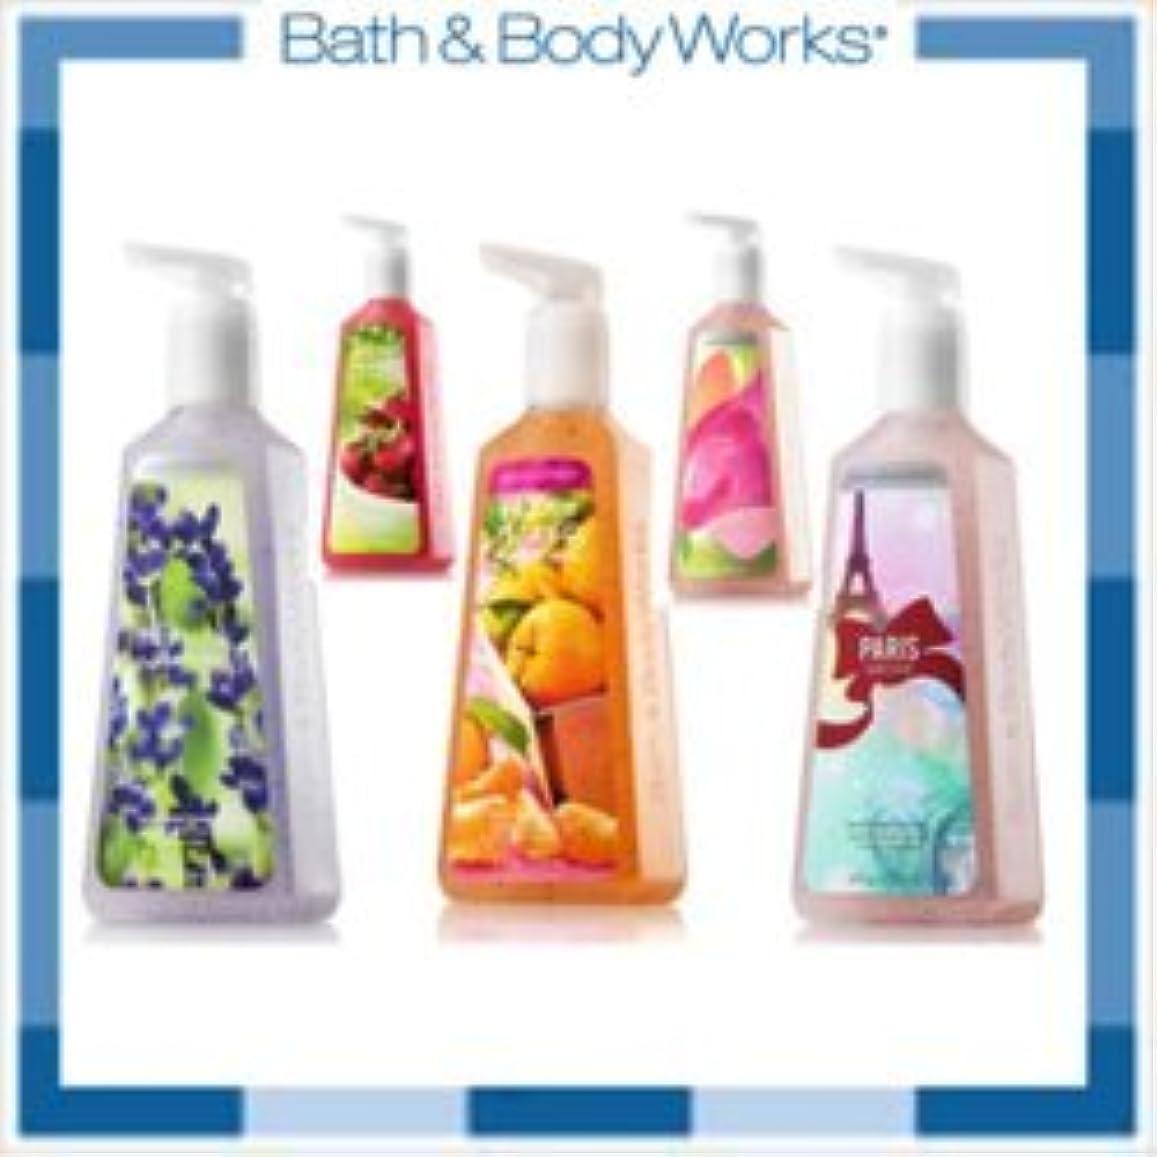 ライフルためらう有効Bath & Body Works ハンドソープ 8本詰め合わせセット (???????、??????????????or MIX) 【平行輸入品】 (ディープクレンジング  (8本))